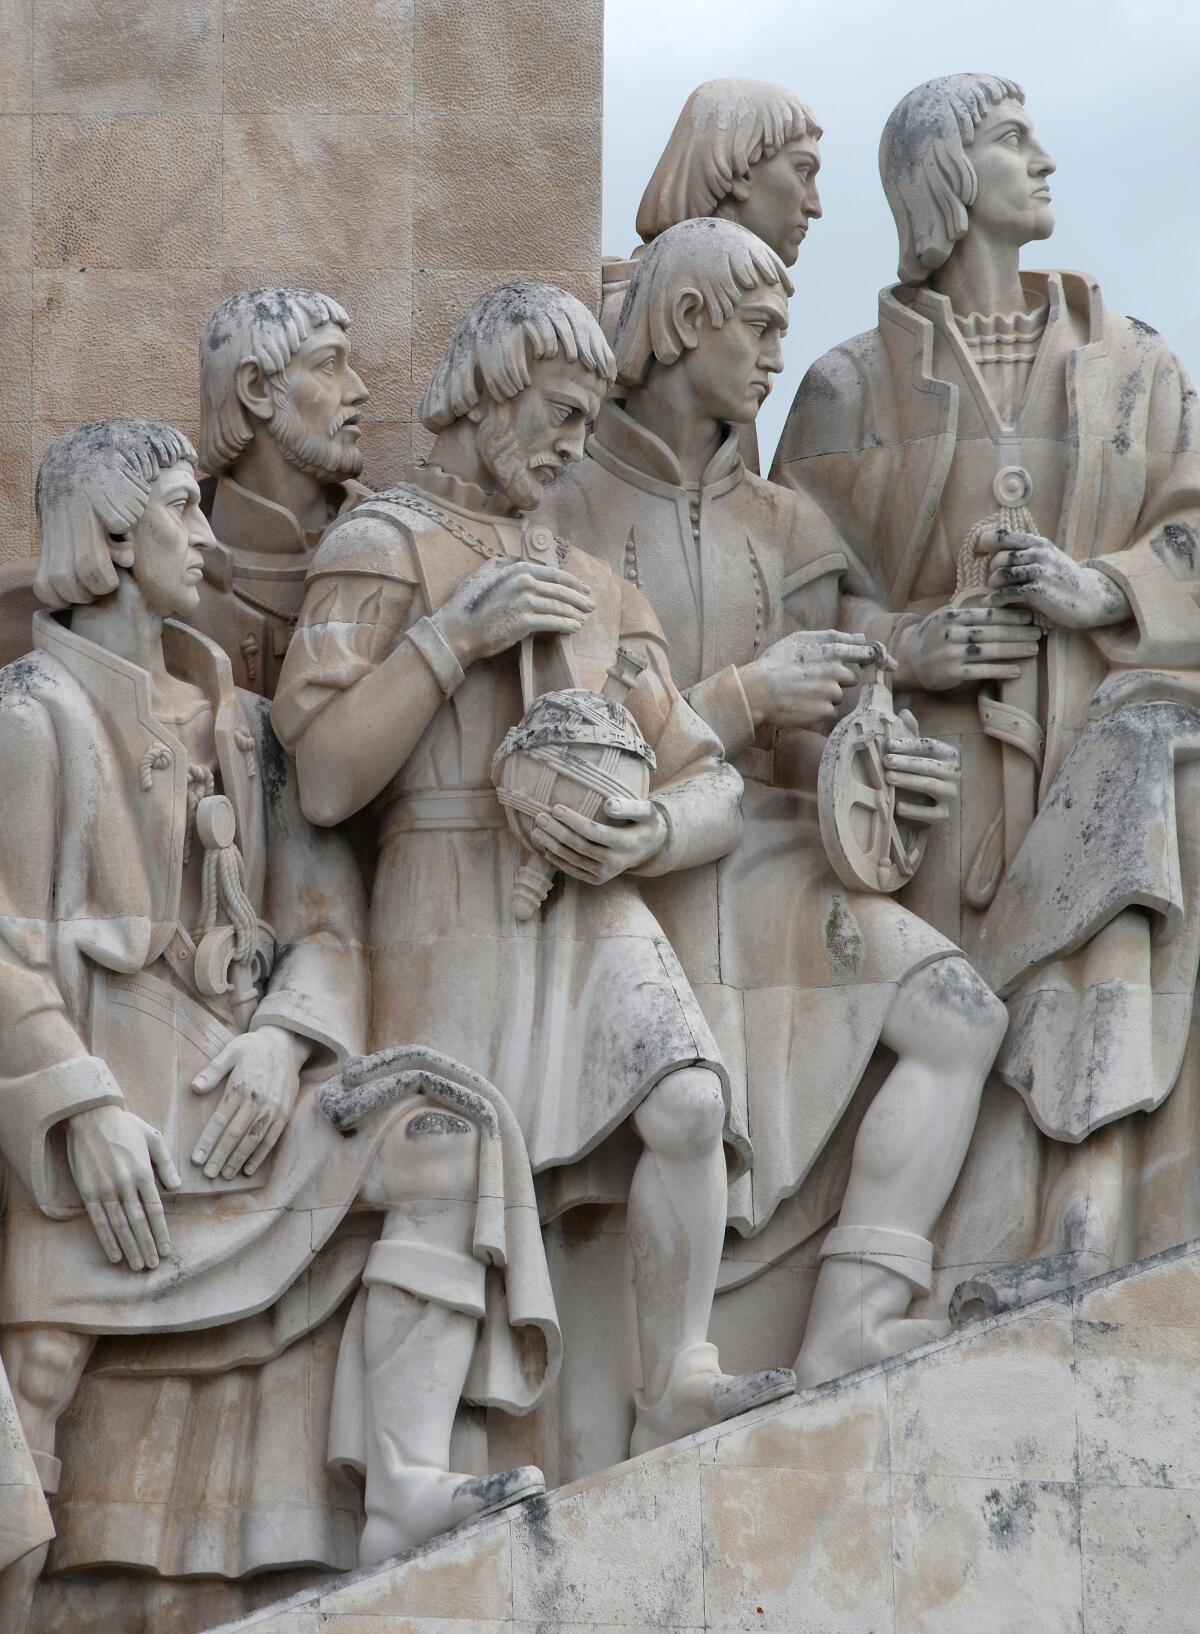 Памятник первооткрывателям в Лиссабоне. Педру Нуниш с глобусом